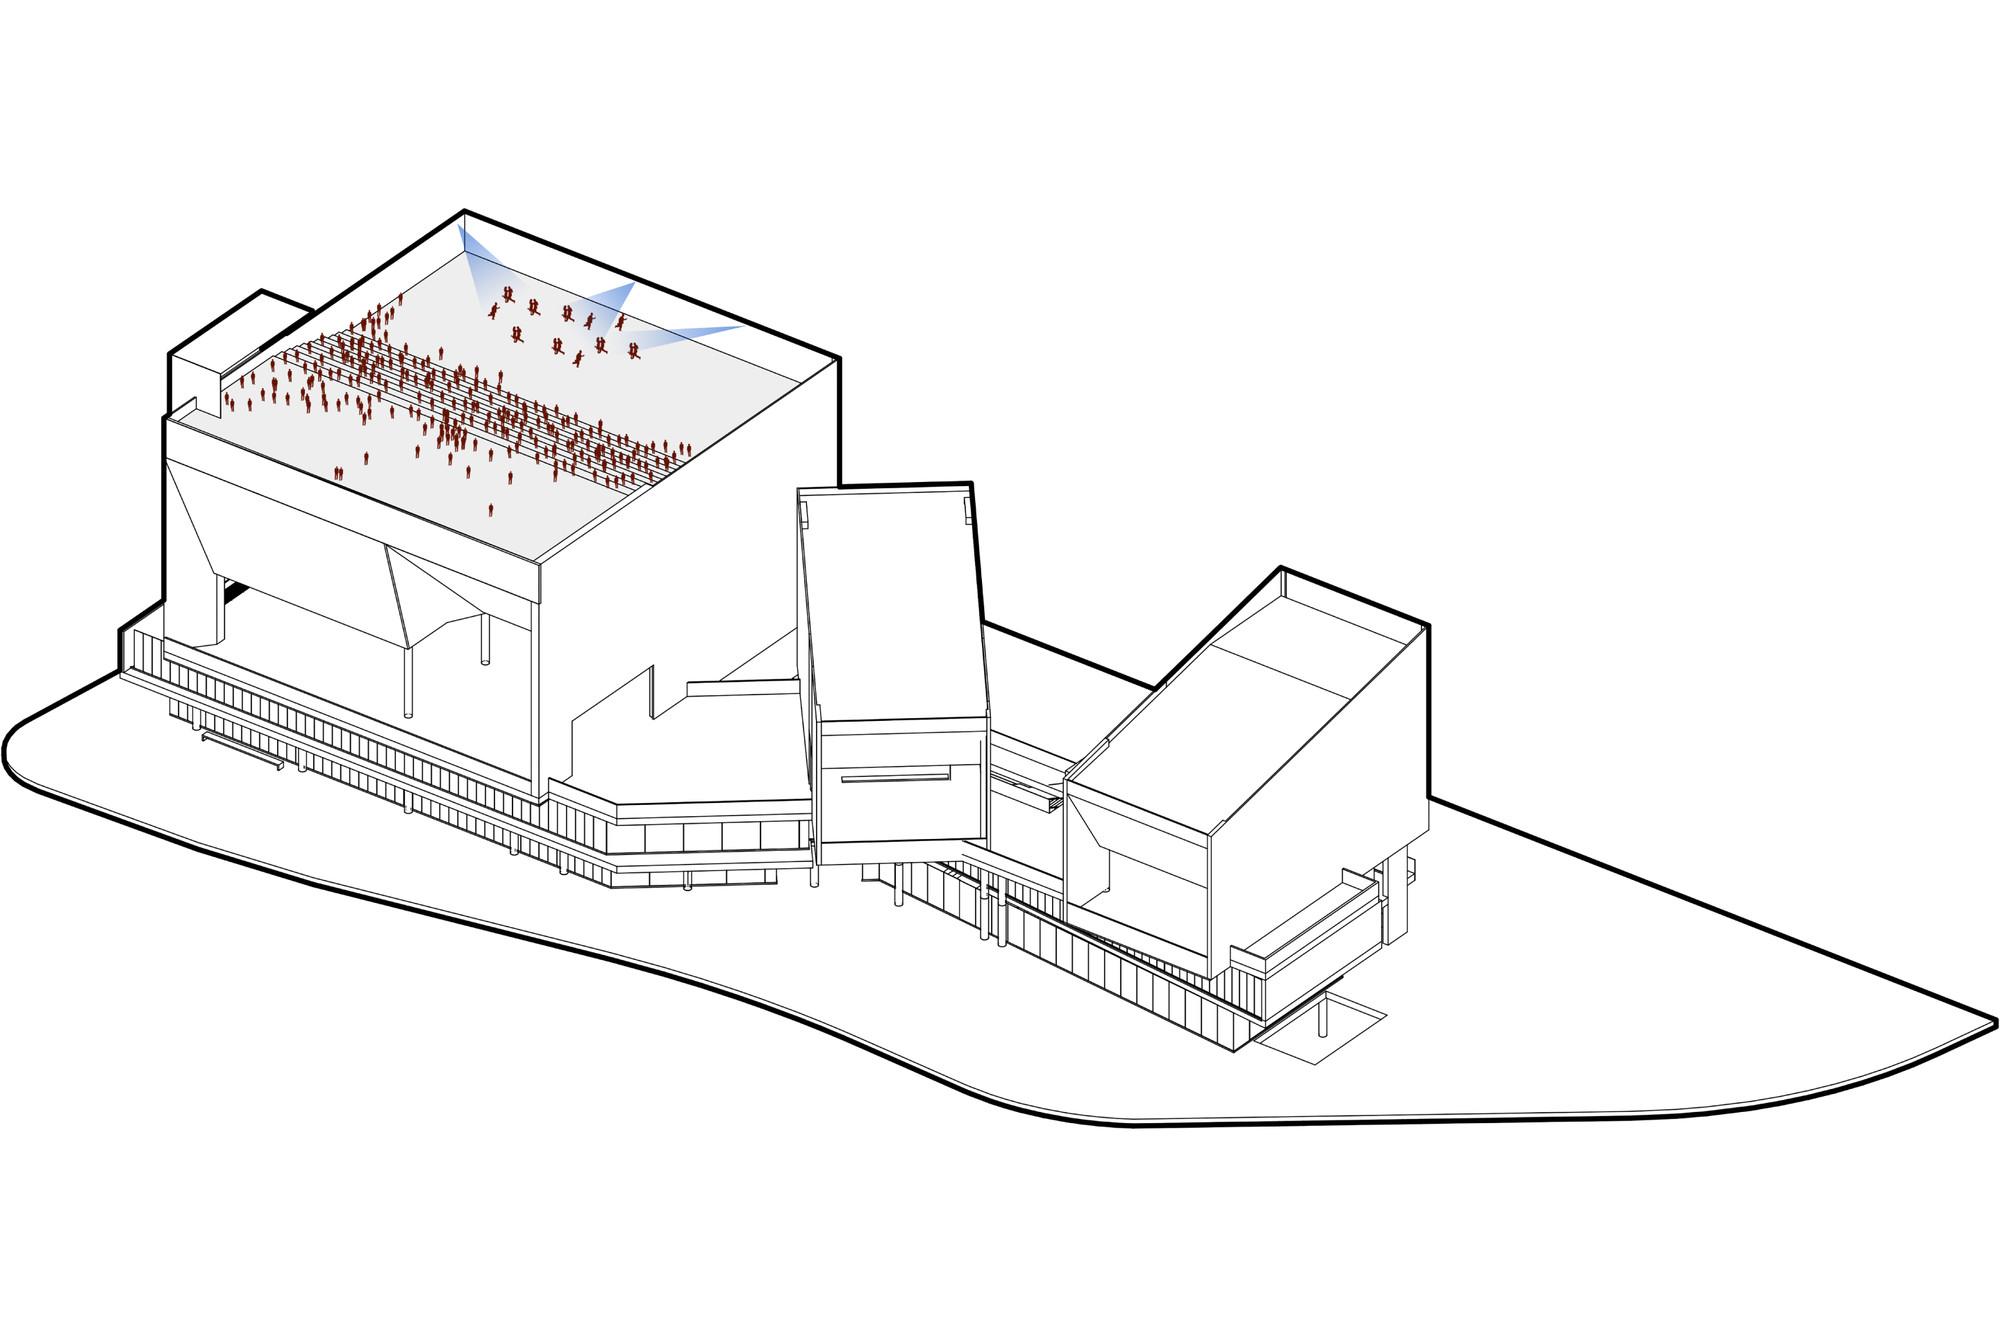 Usos #03. Image Cortesia de Eje A Arquitectura y Urbanismo